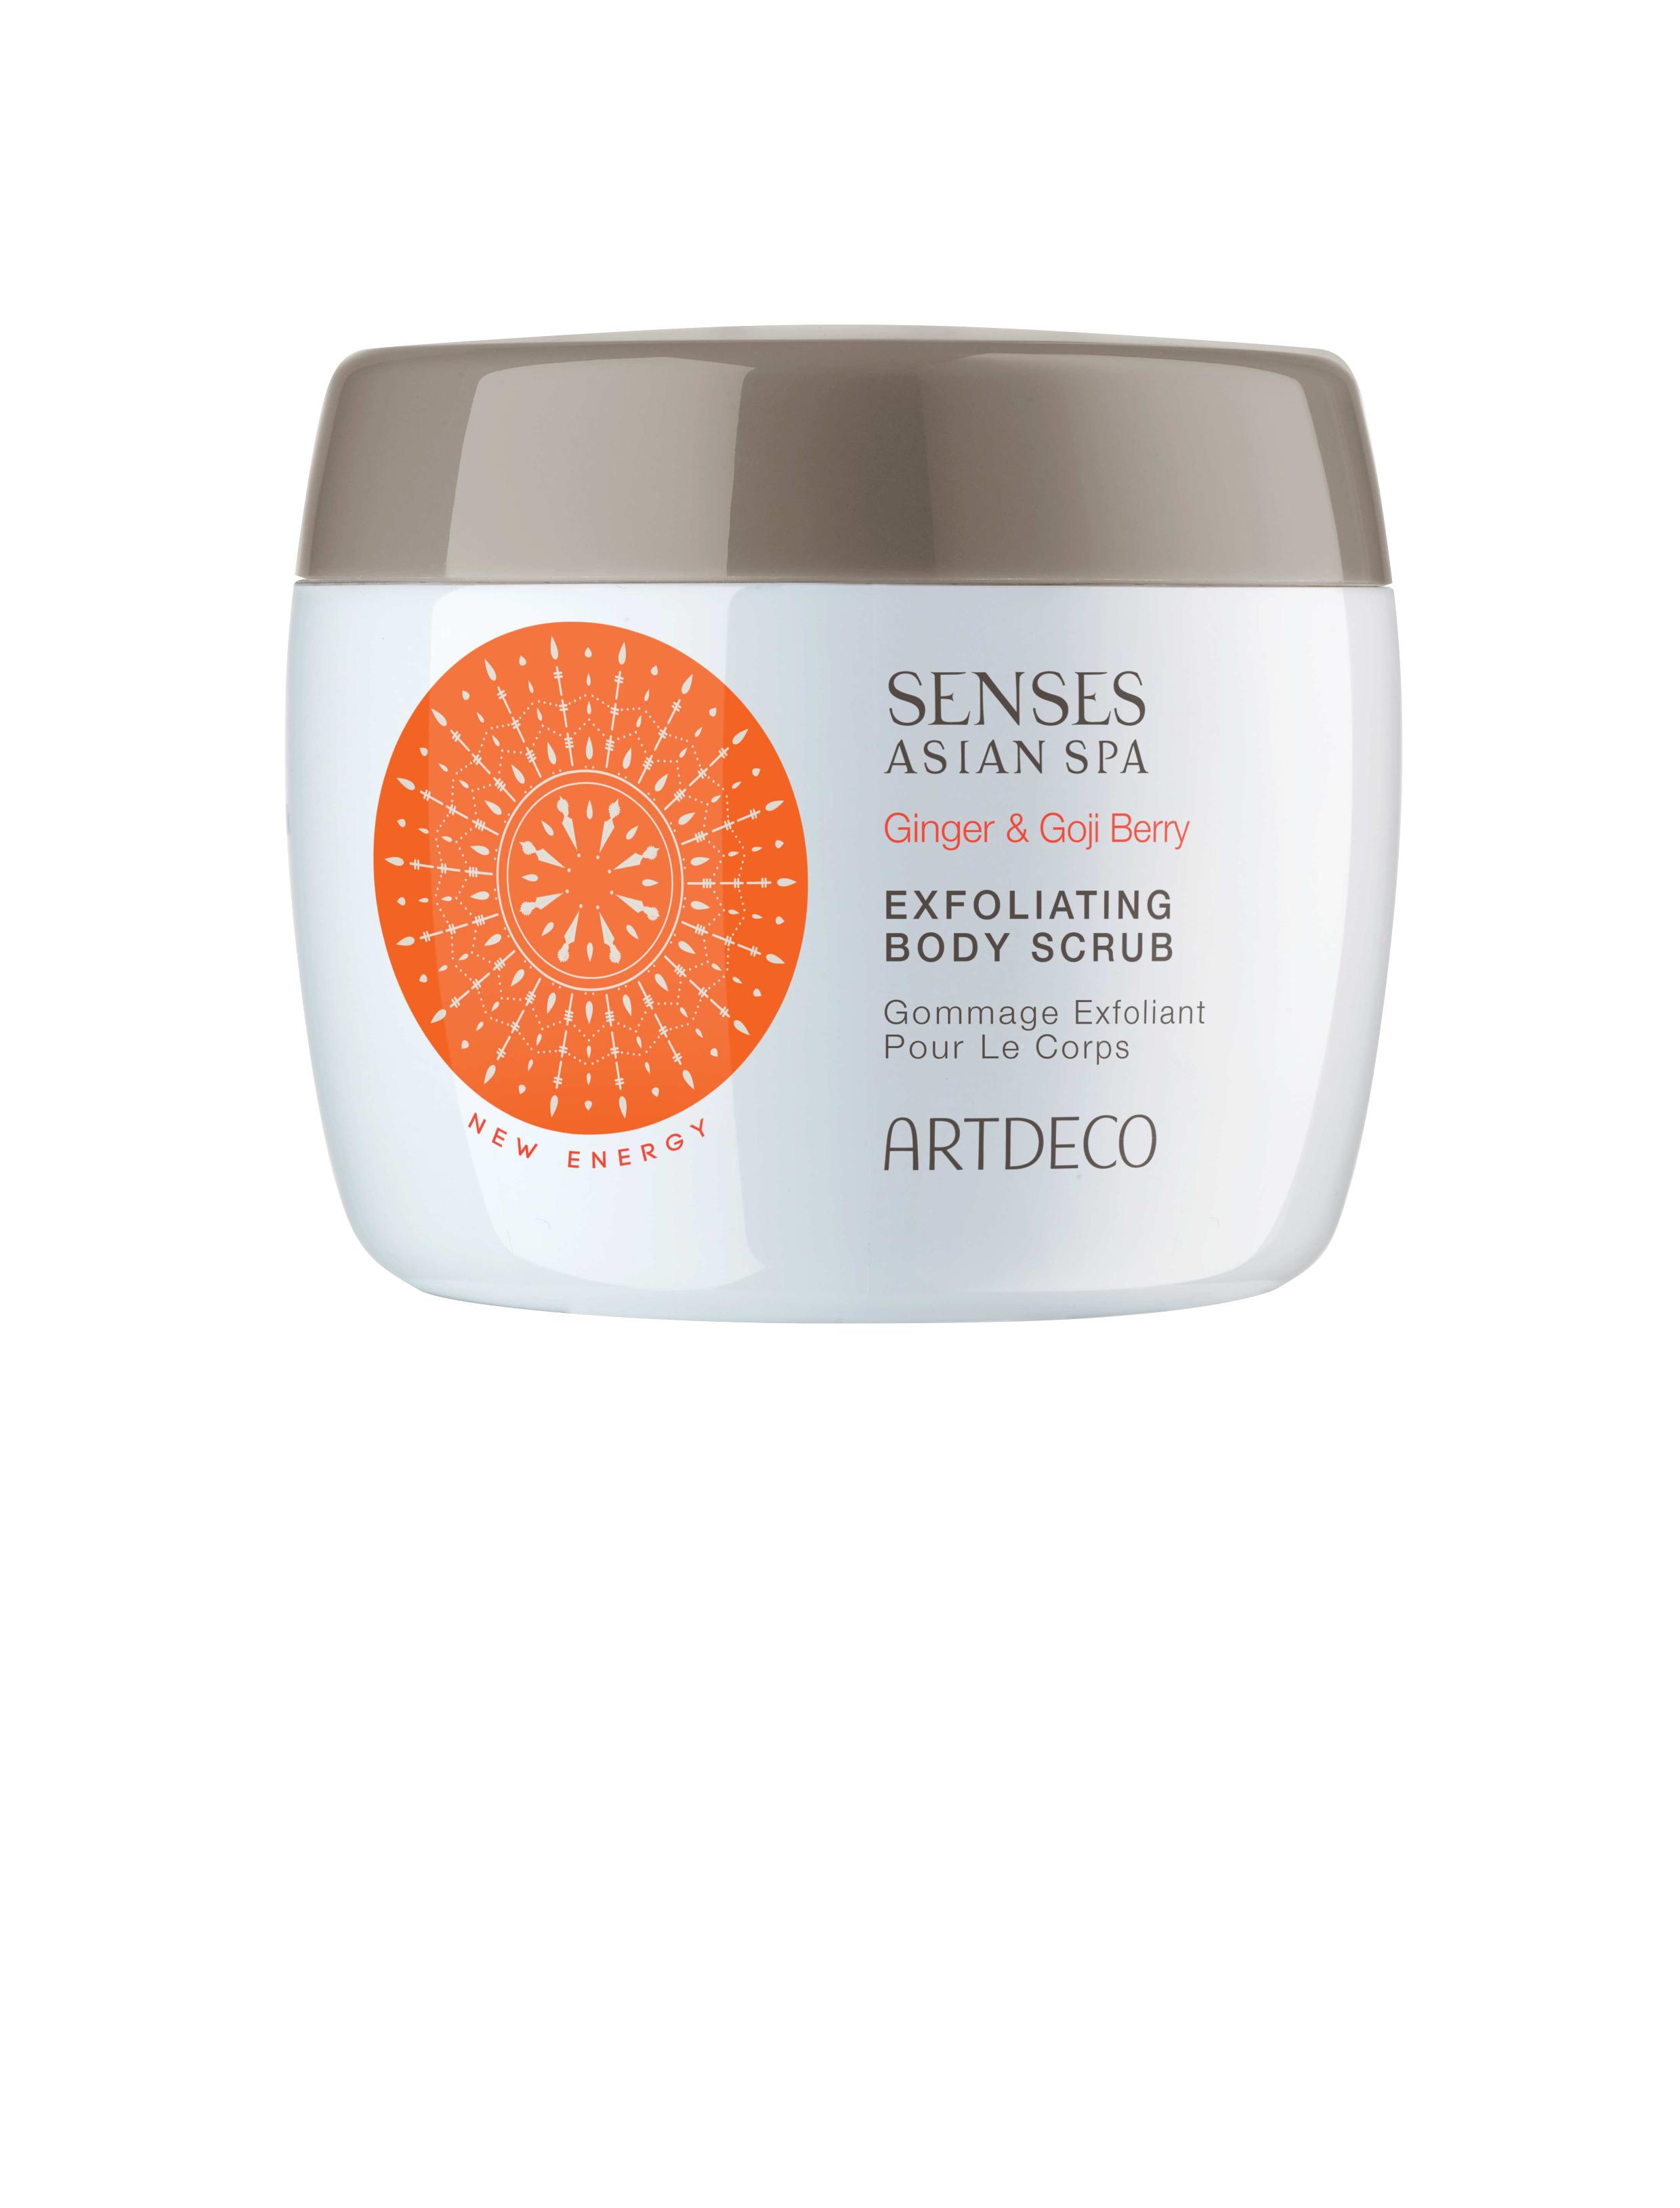 Artdeco скраб для тела отшелушивающий Exfoliating body scrub, new energy, 200 мл65102Бережно очищает и обновляет кожу С разглаживающим эффектом и бодрящим ароматом